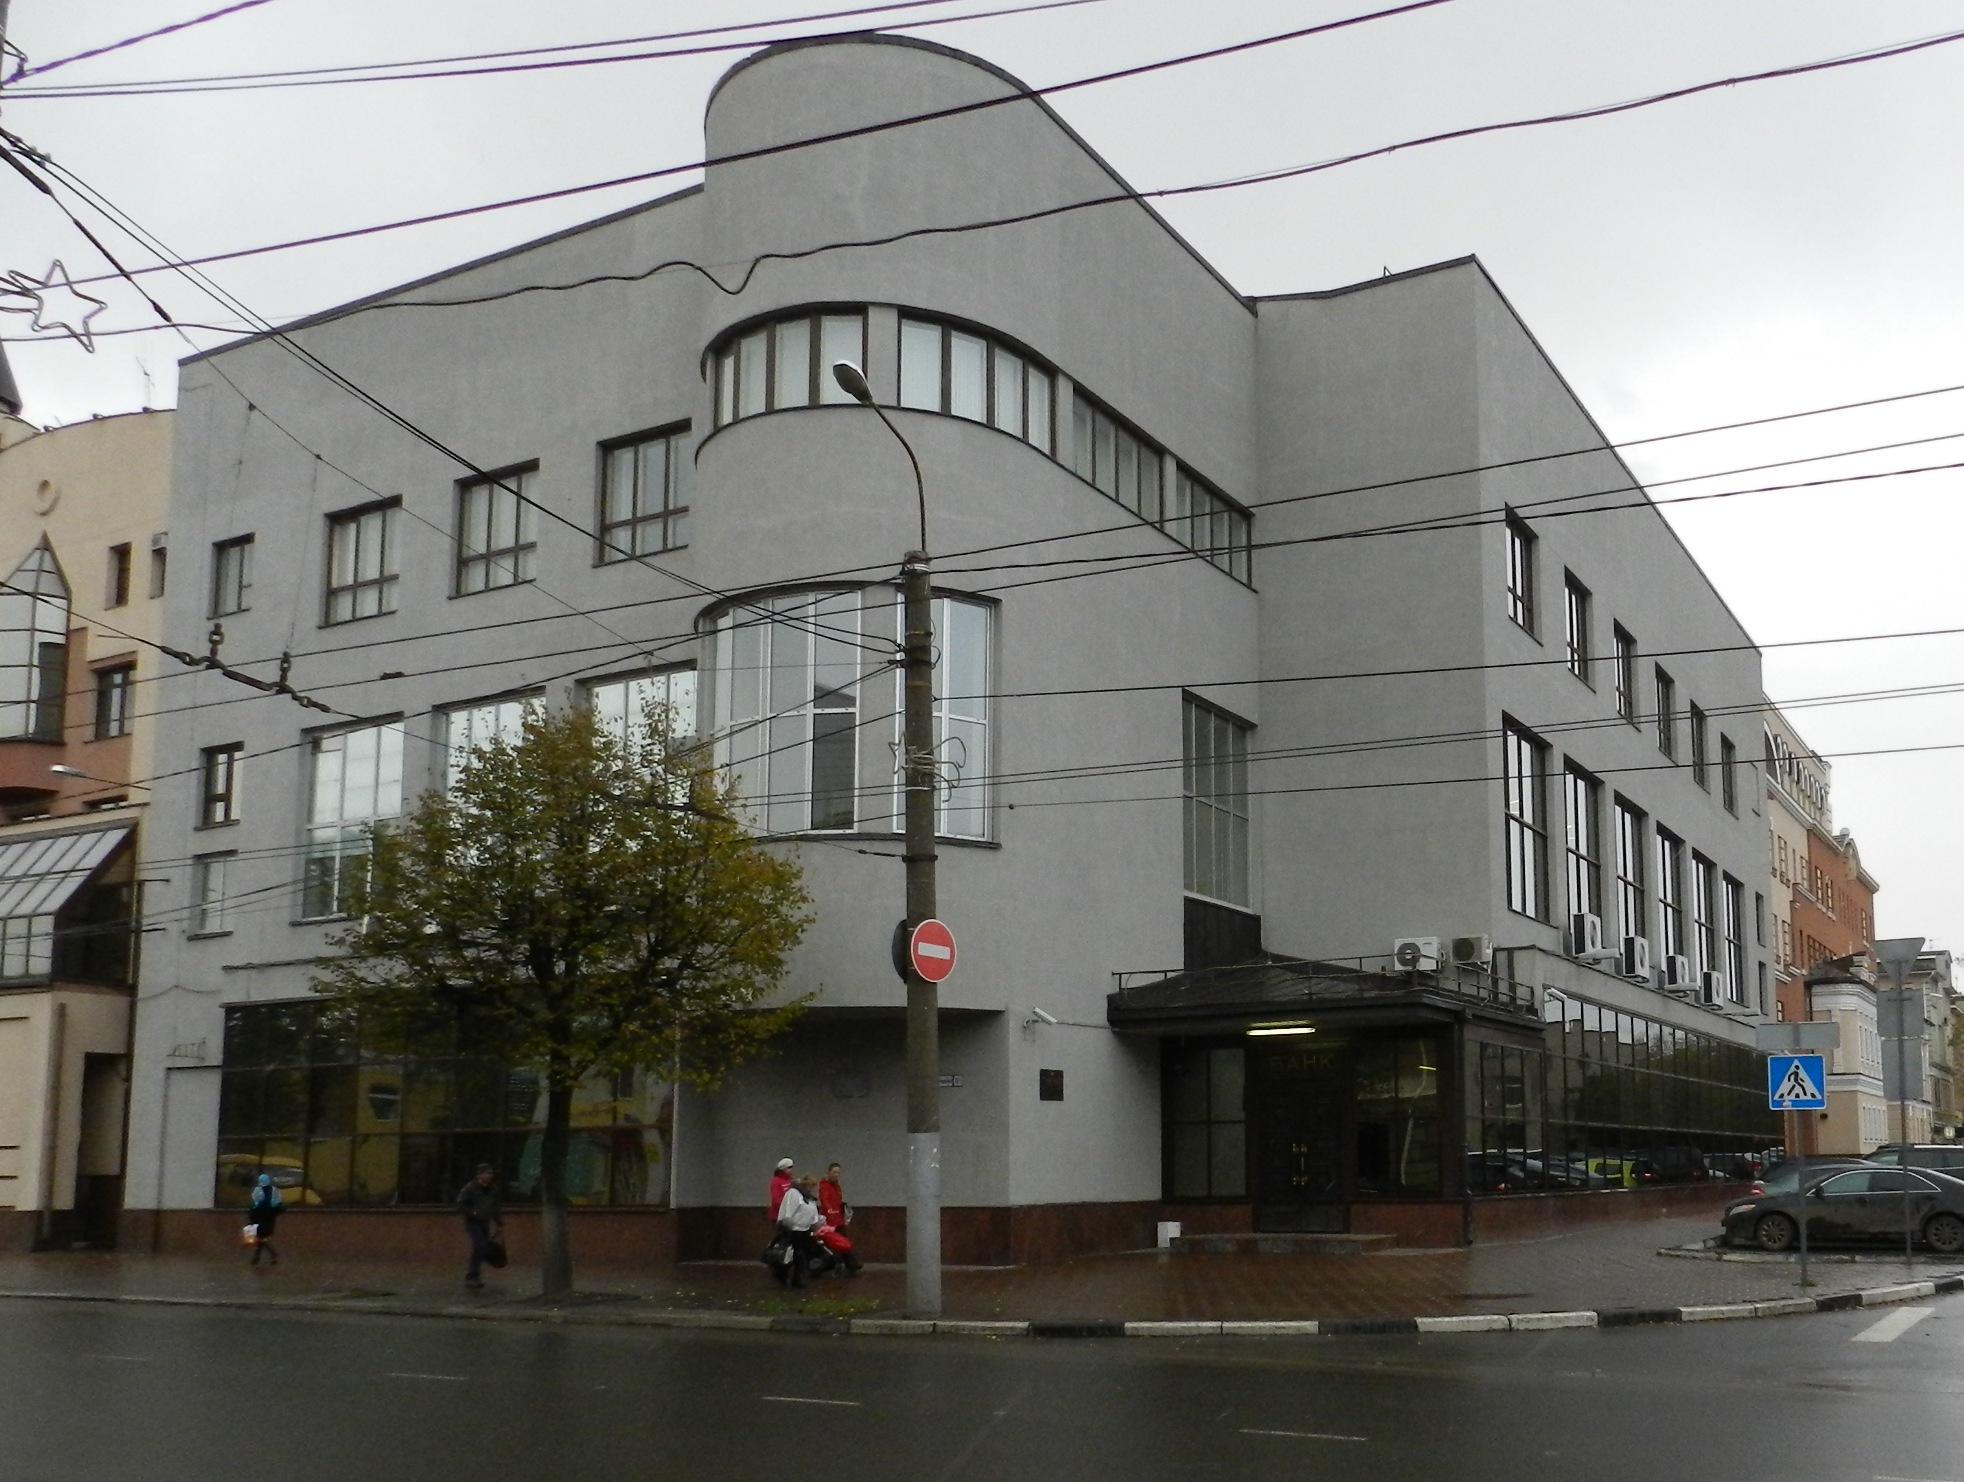 Ивановская, 16 в Перми — 2ГИС | 1482x1964